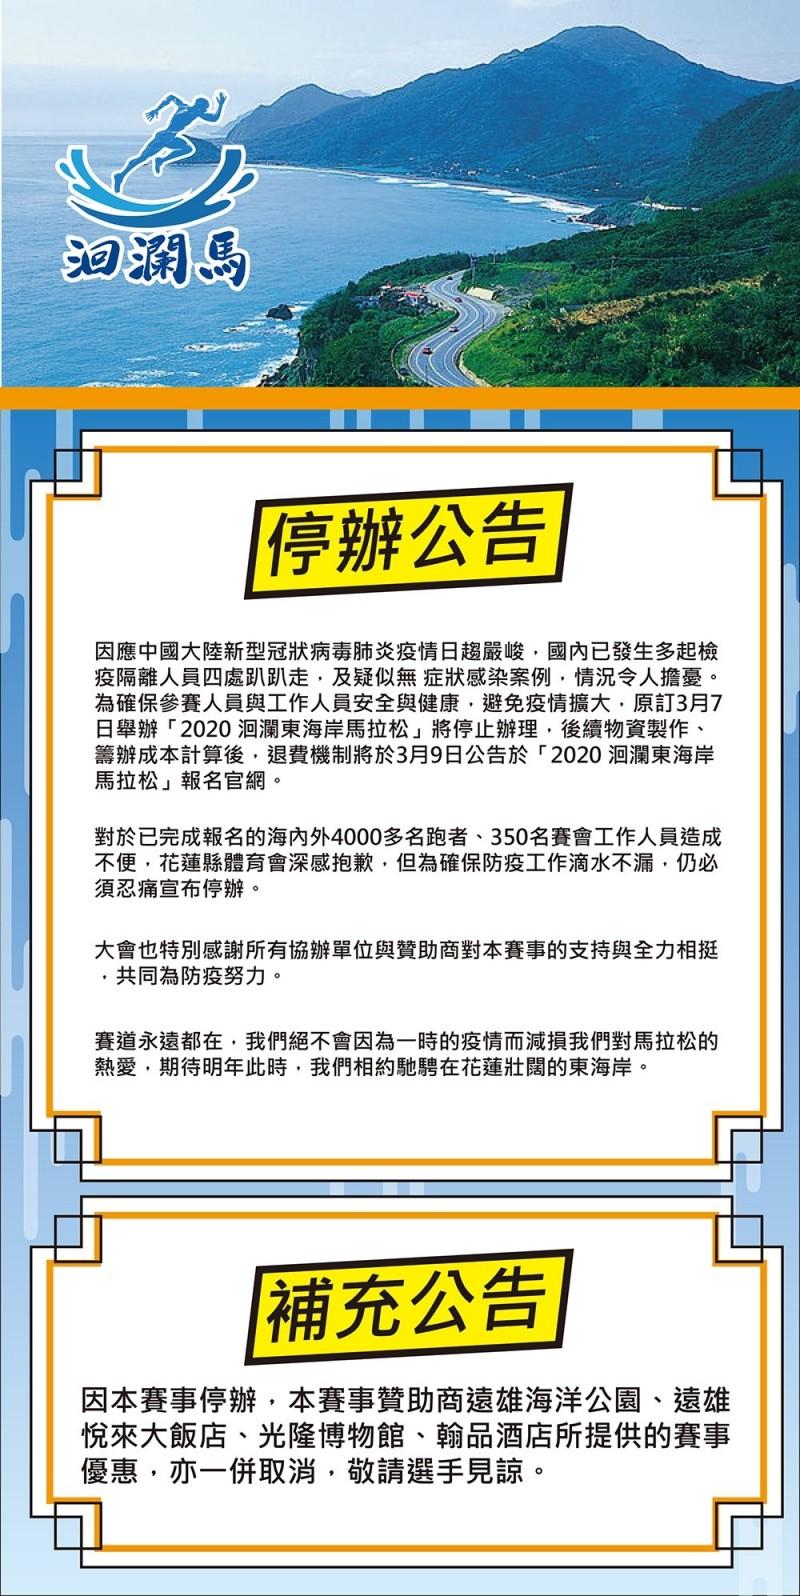 花蓮縣體育會原本預計在3月7日舉行的「洄瀾東海岸馬拉松」(簡稱洄瀾馬),主辦單位今天宣布停辦。(翻攝報名網站)